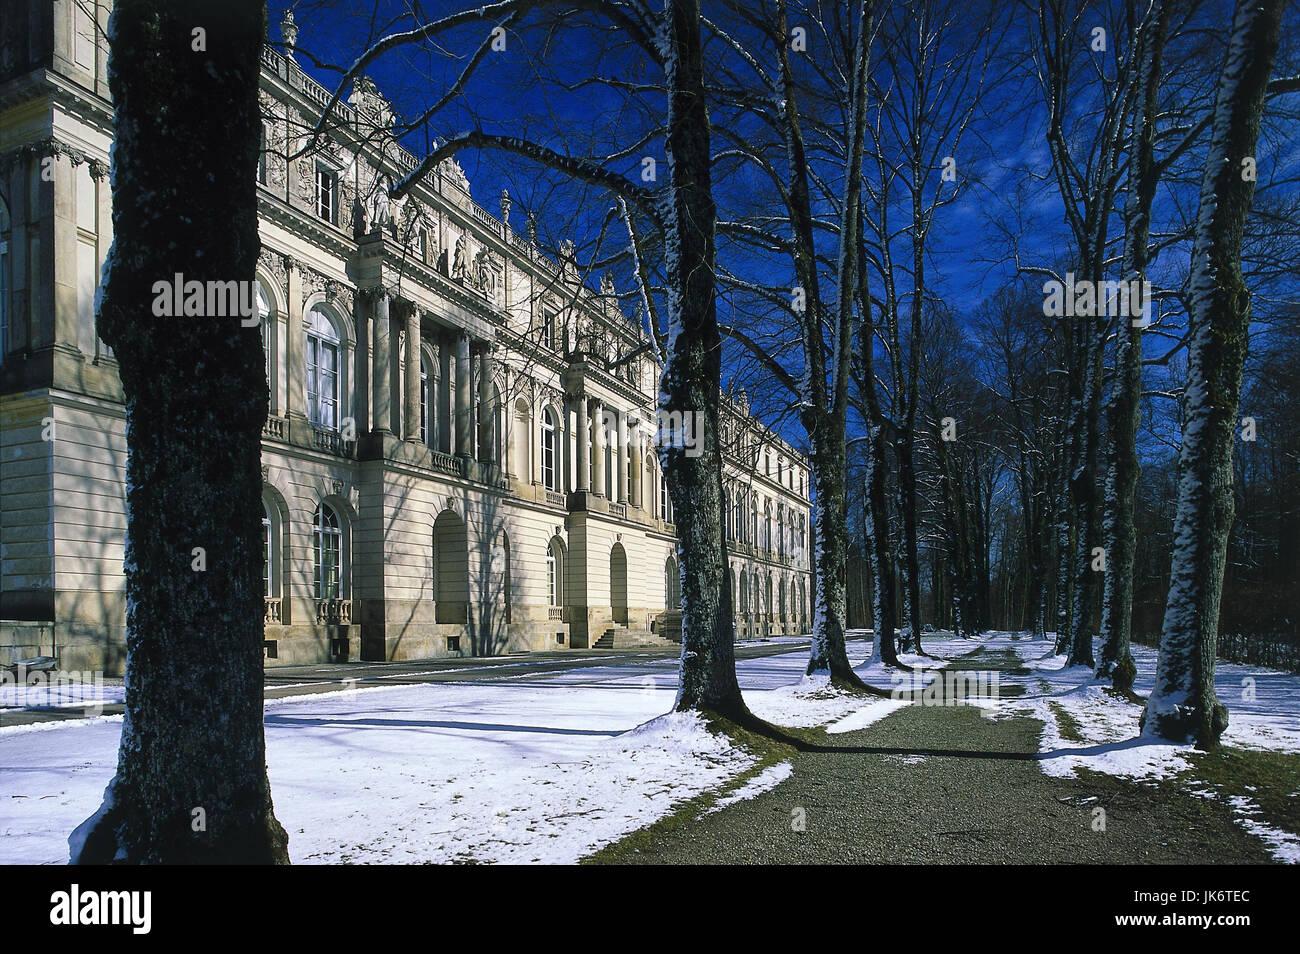 Deutschland, Bayern, Schloss  Herrenchiemsee, Detail, Winter  Sehenswürdigkeit, außen, Prunkschloss, König - Stock Image